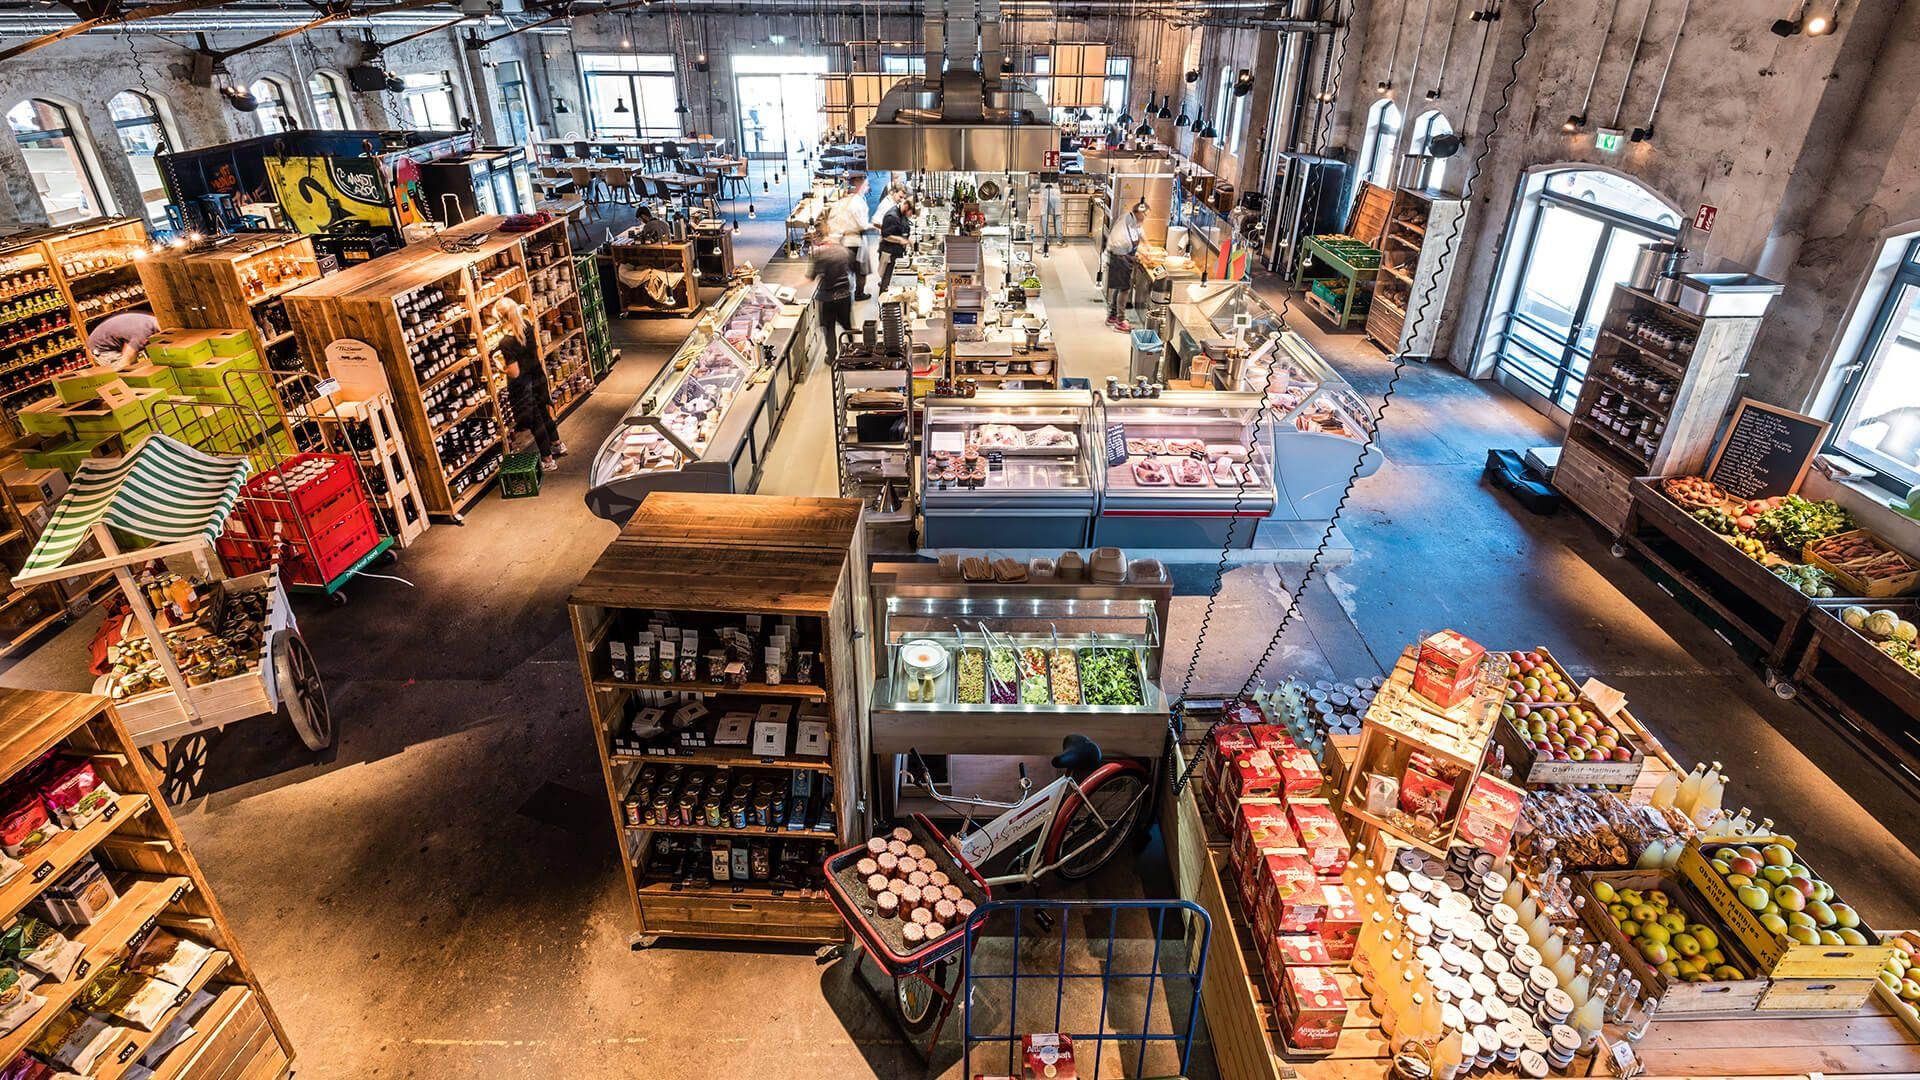 Hobenköök - der neue Ort für regionalen und saisonalen